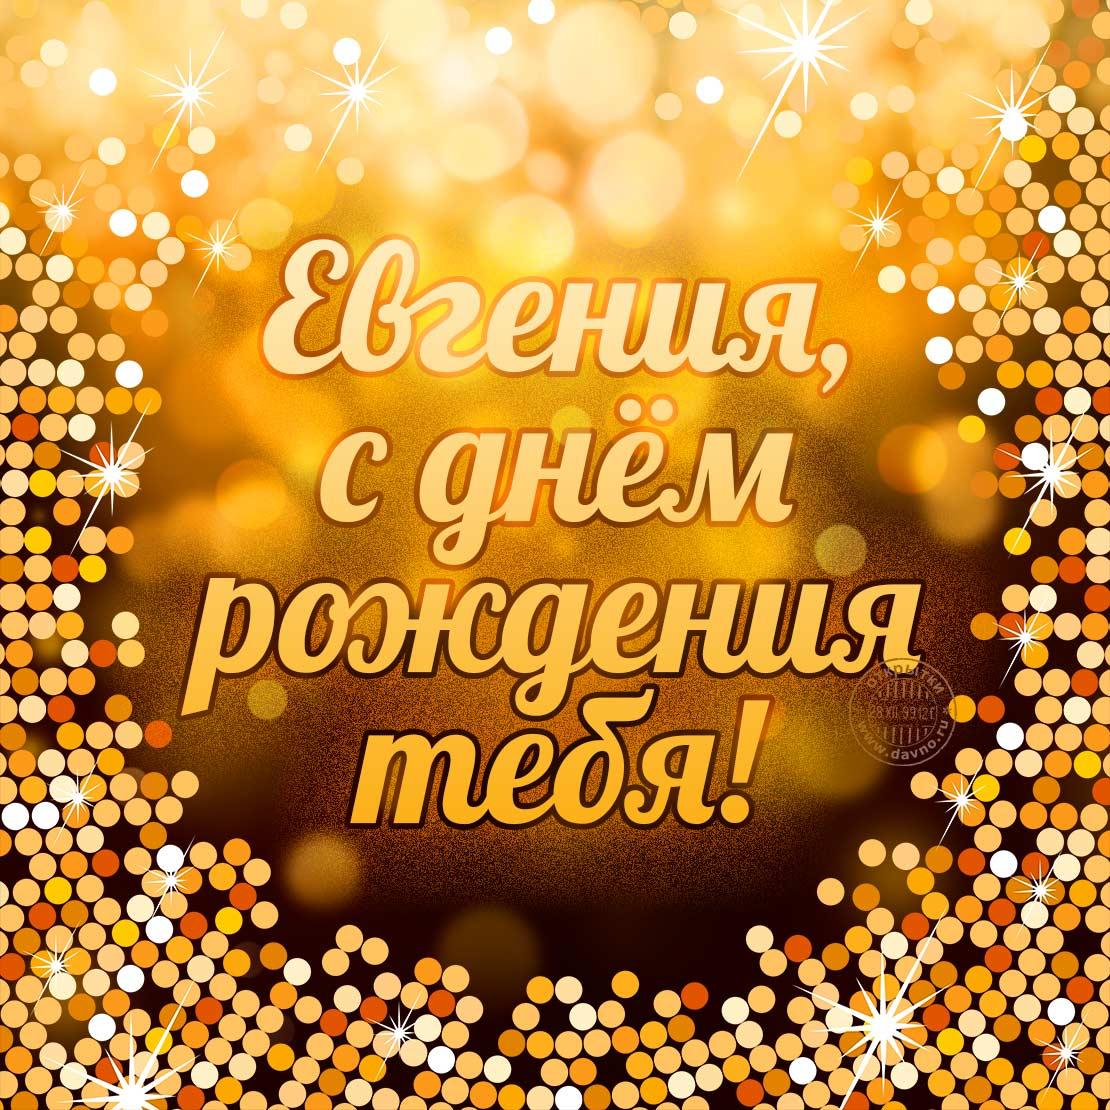 Картинка с днем рождения евгения михайловна, для любимого